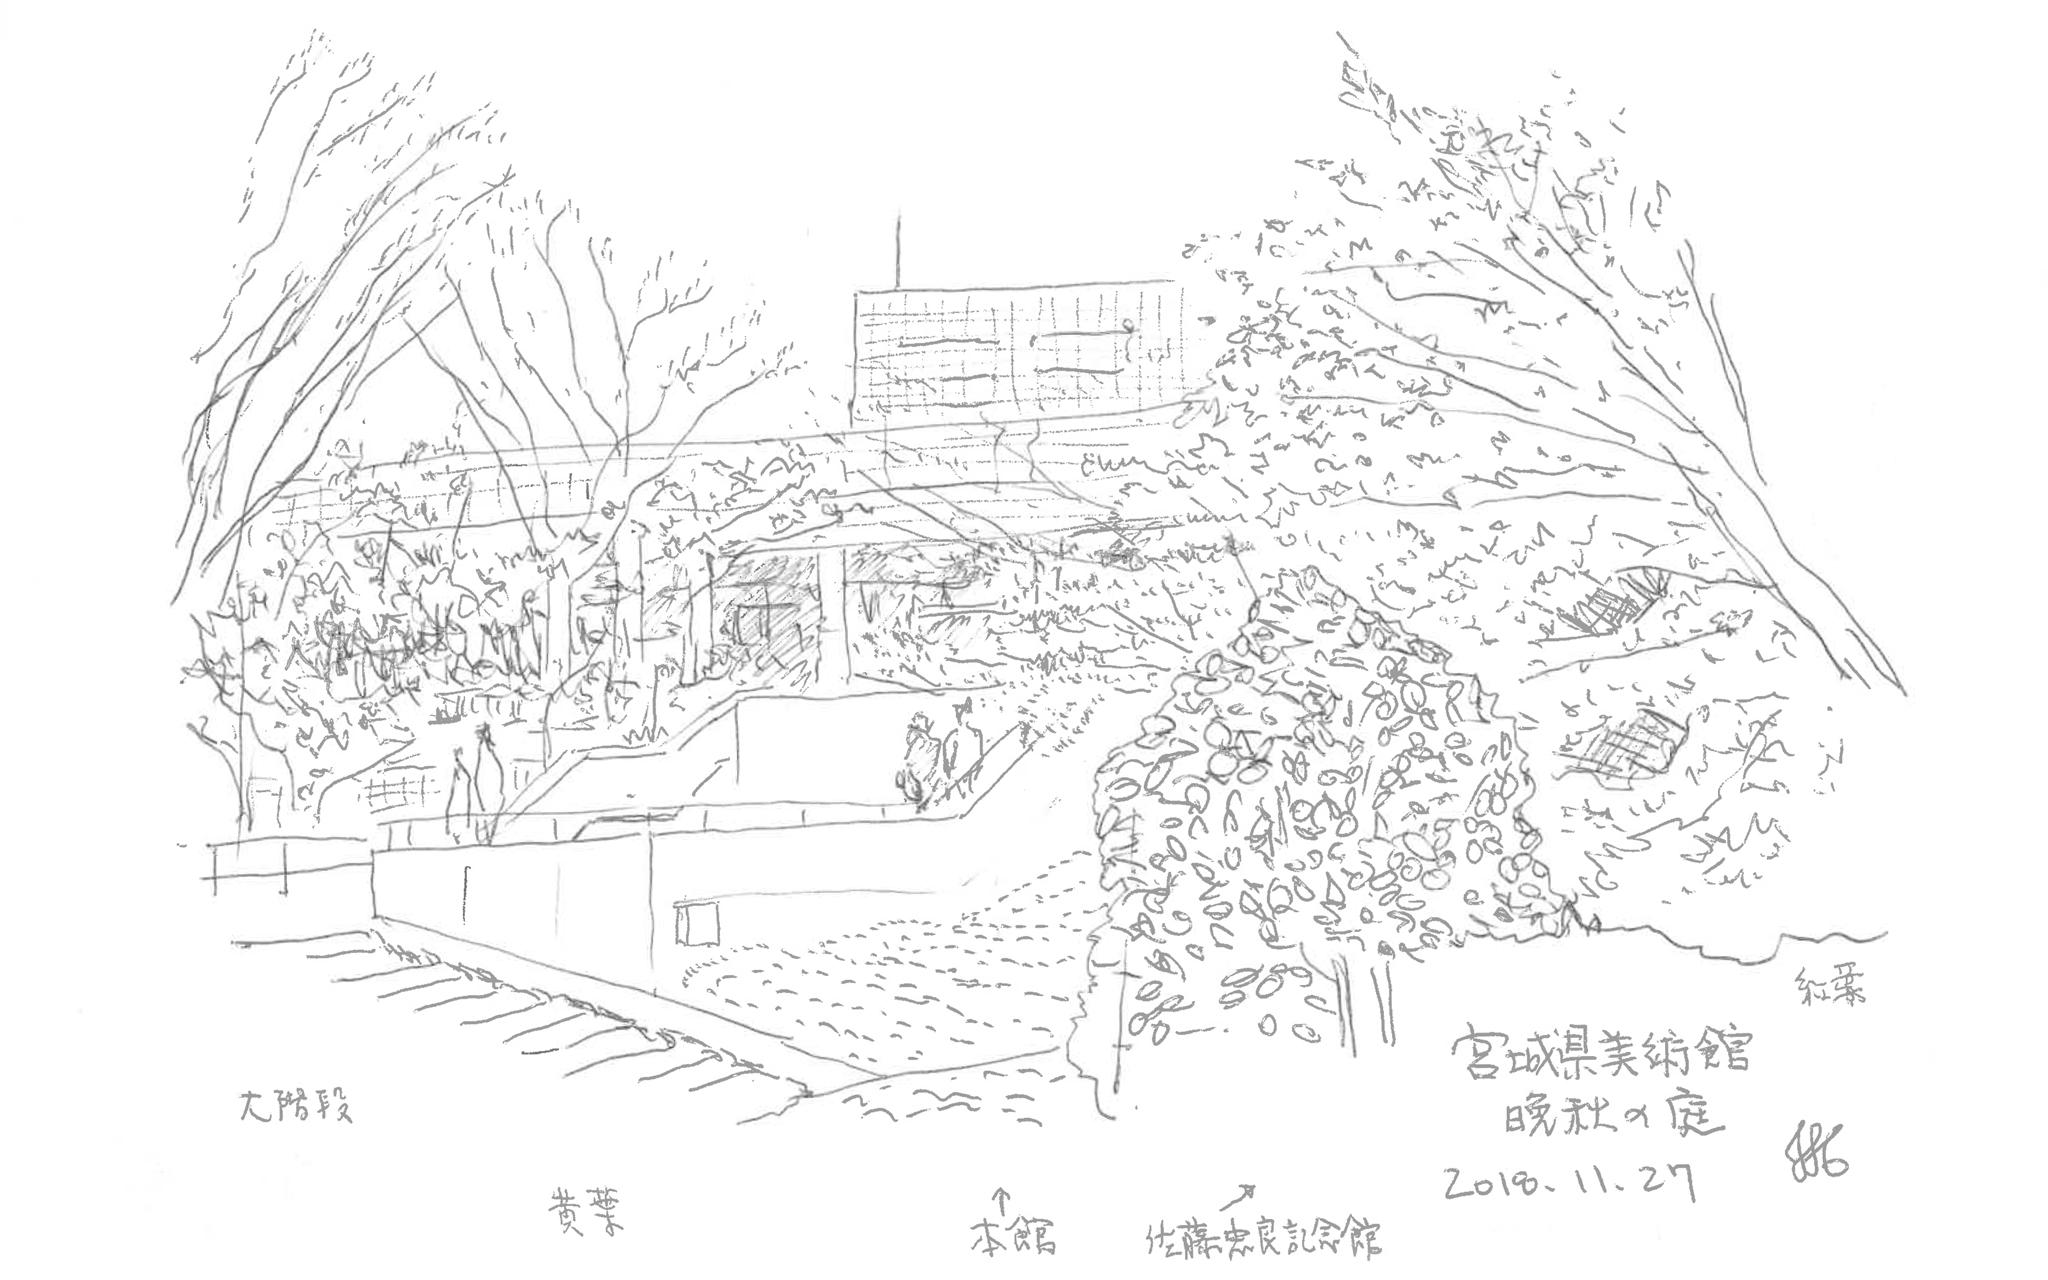 まちの中の建築スケッチ 宮城県美術館 庭